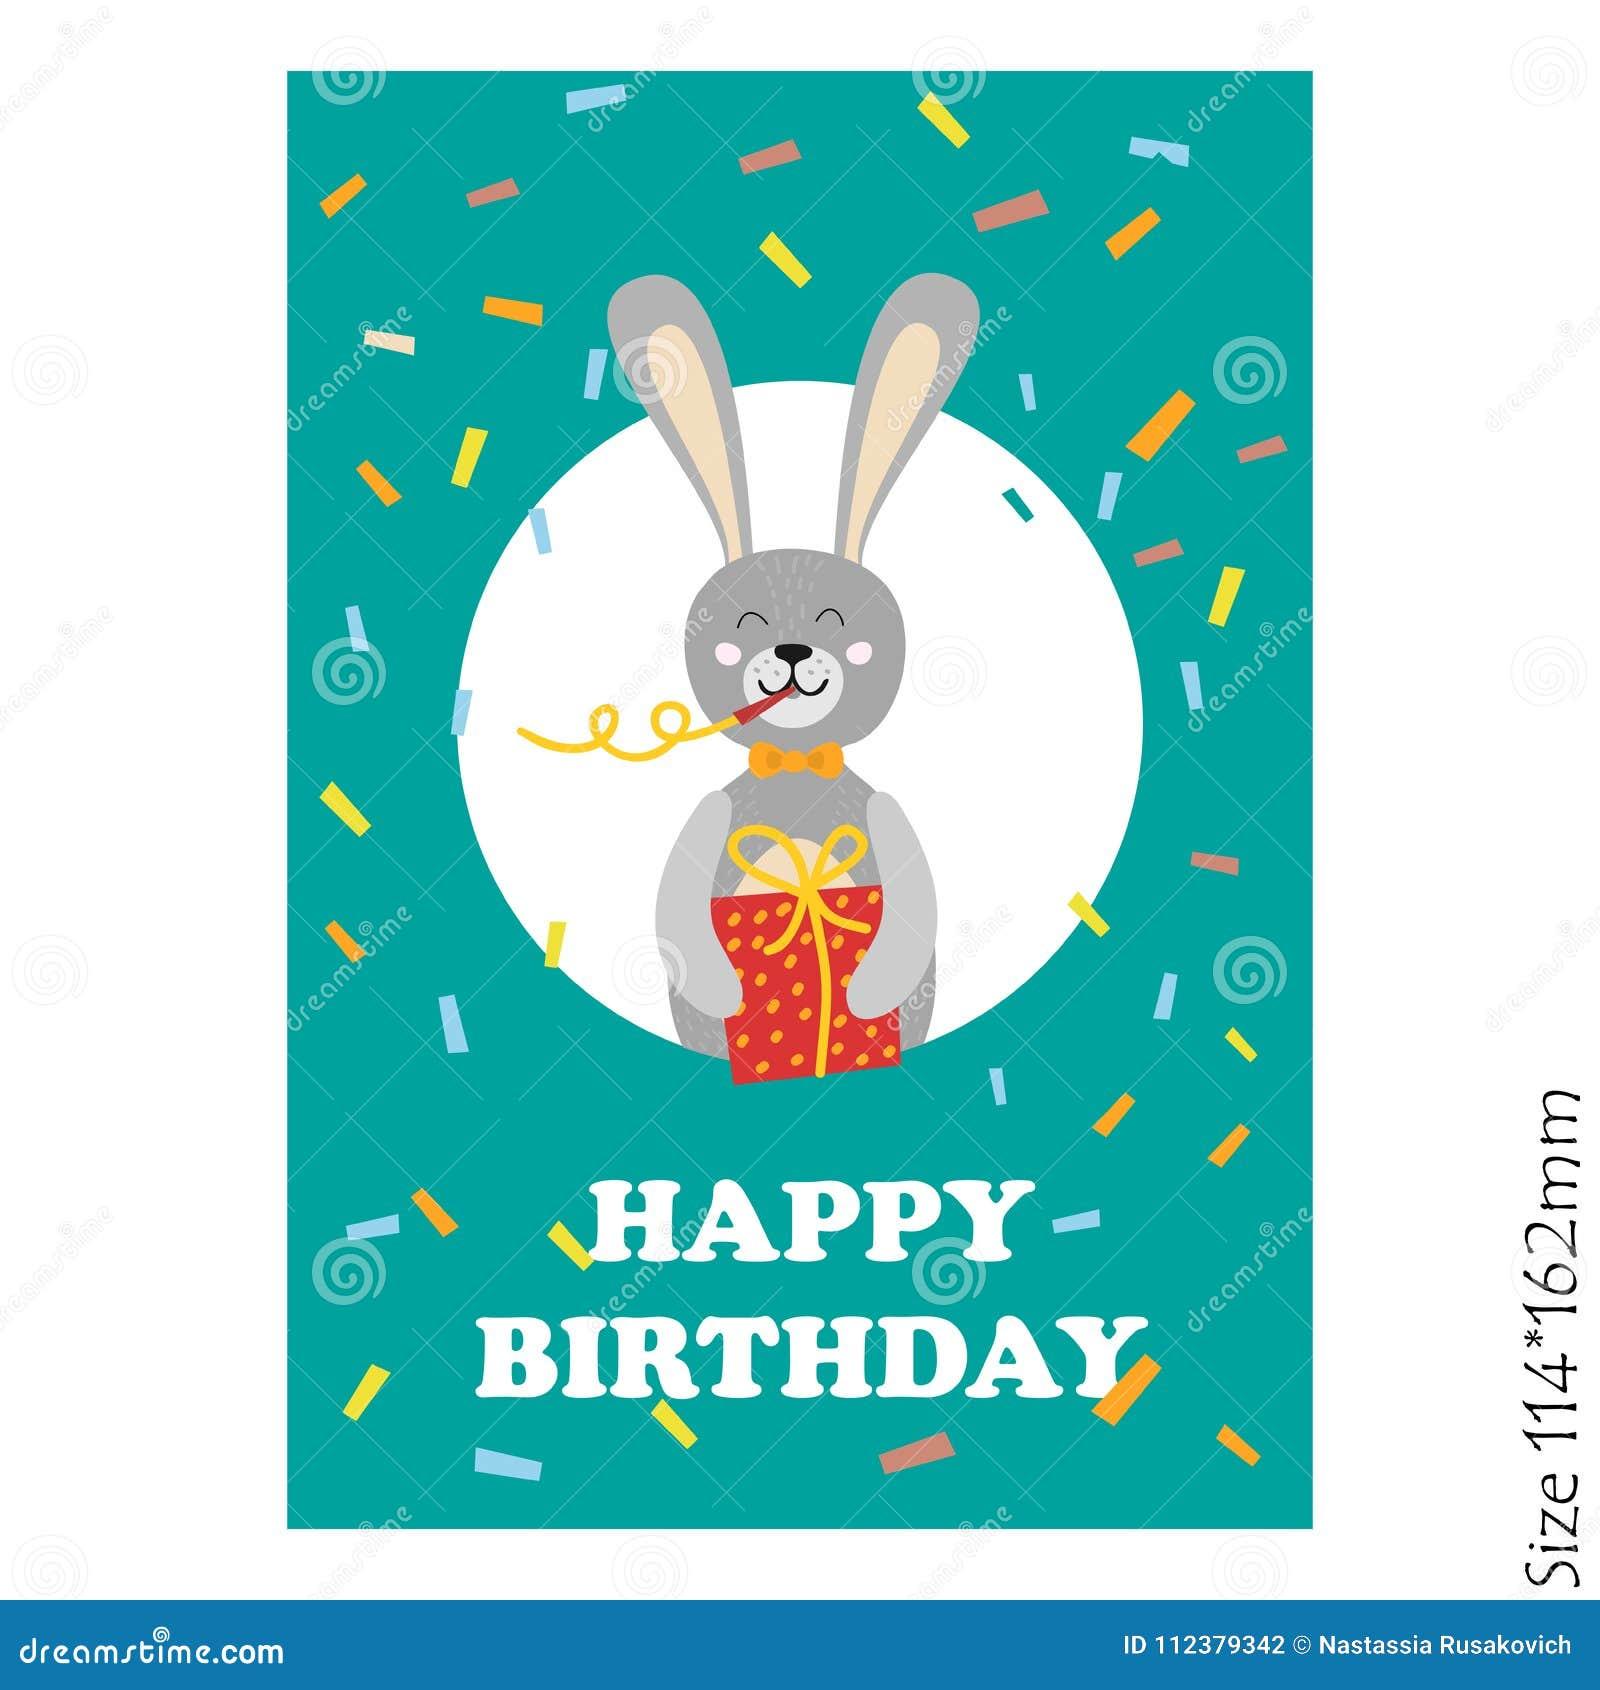 Śliczna wszystkiego najlepszego z okazji urodzin karta z śmiesznymi zwierzętami